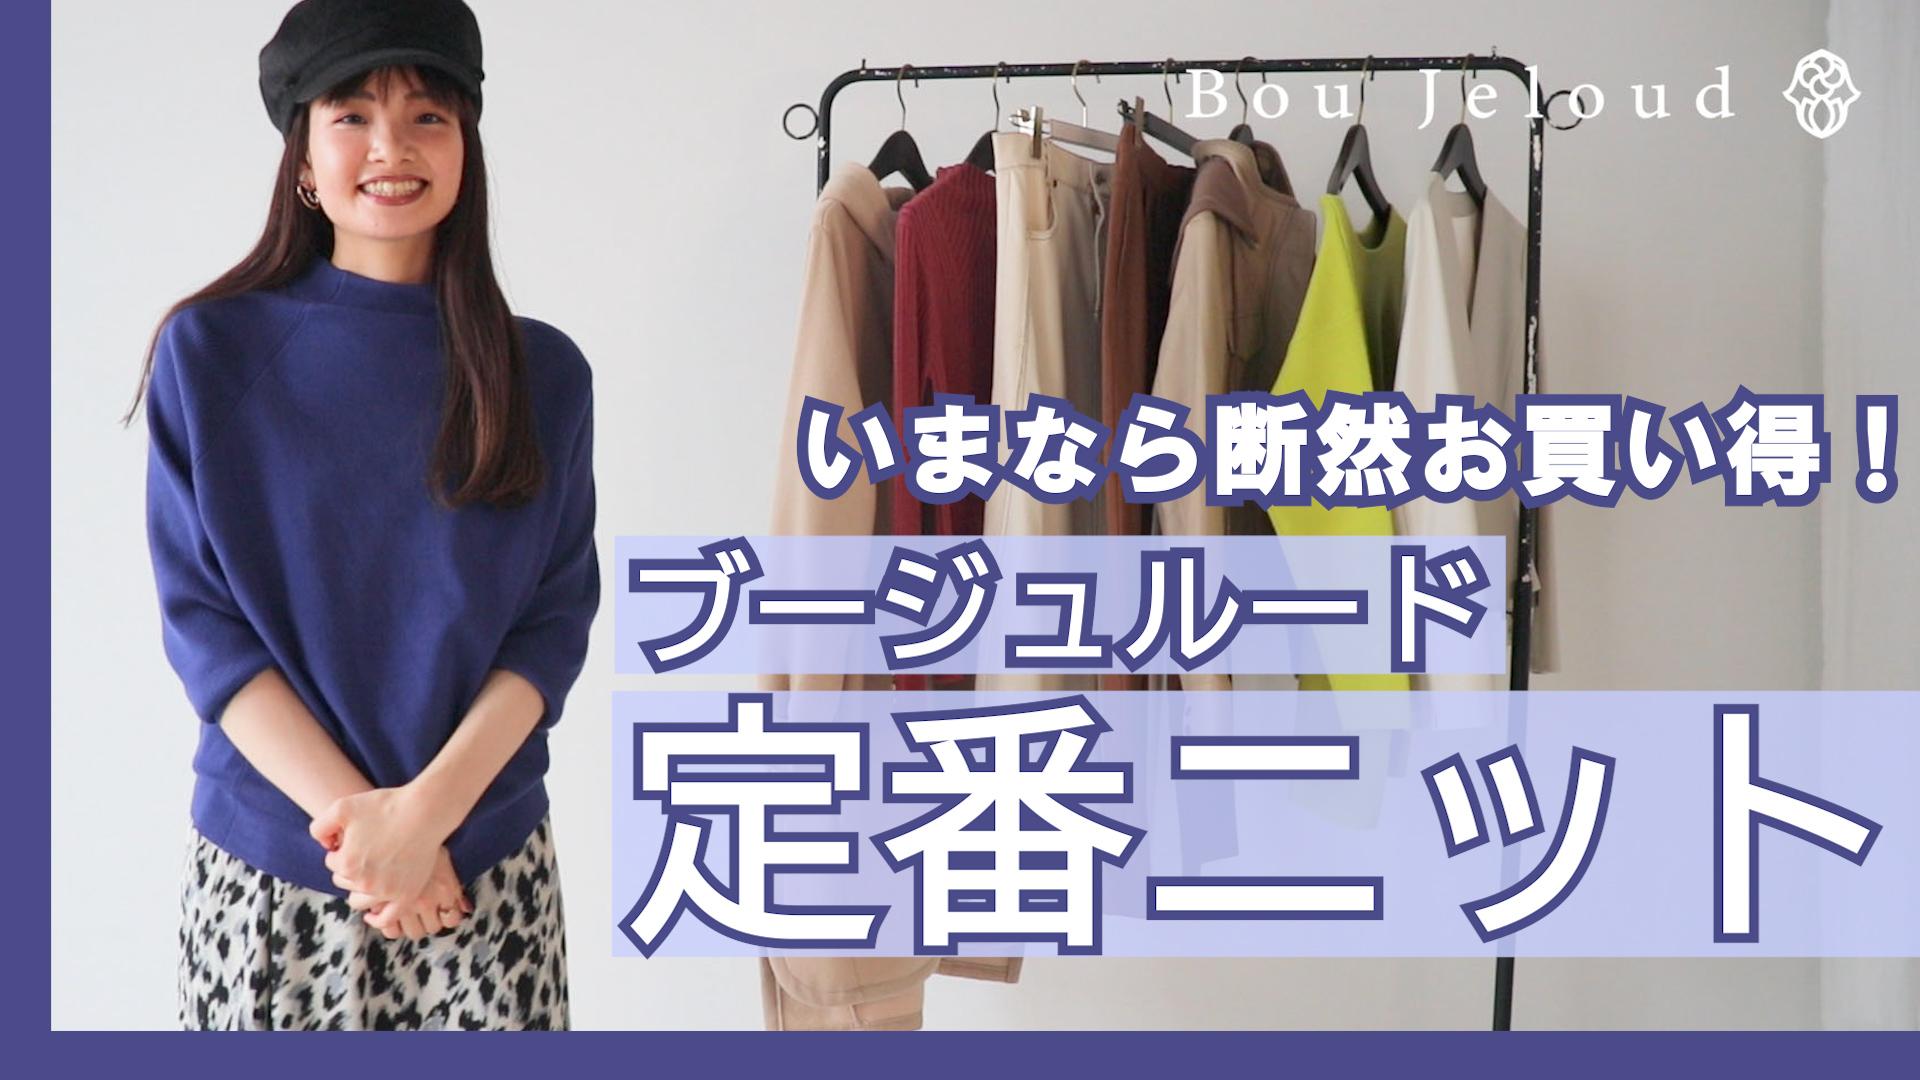 【秋冬ニット】今から使える!定番ニットのお得キャンペーン